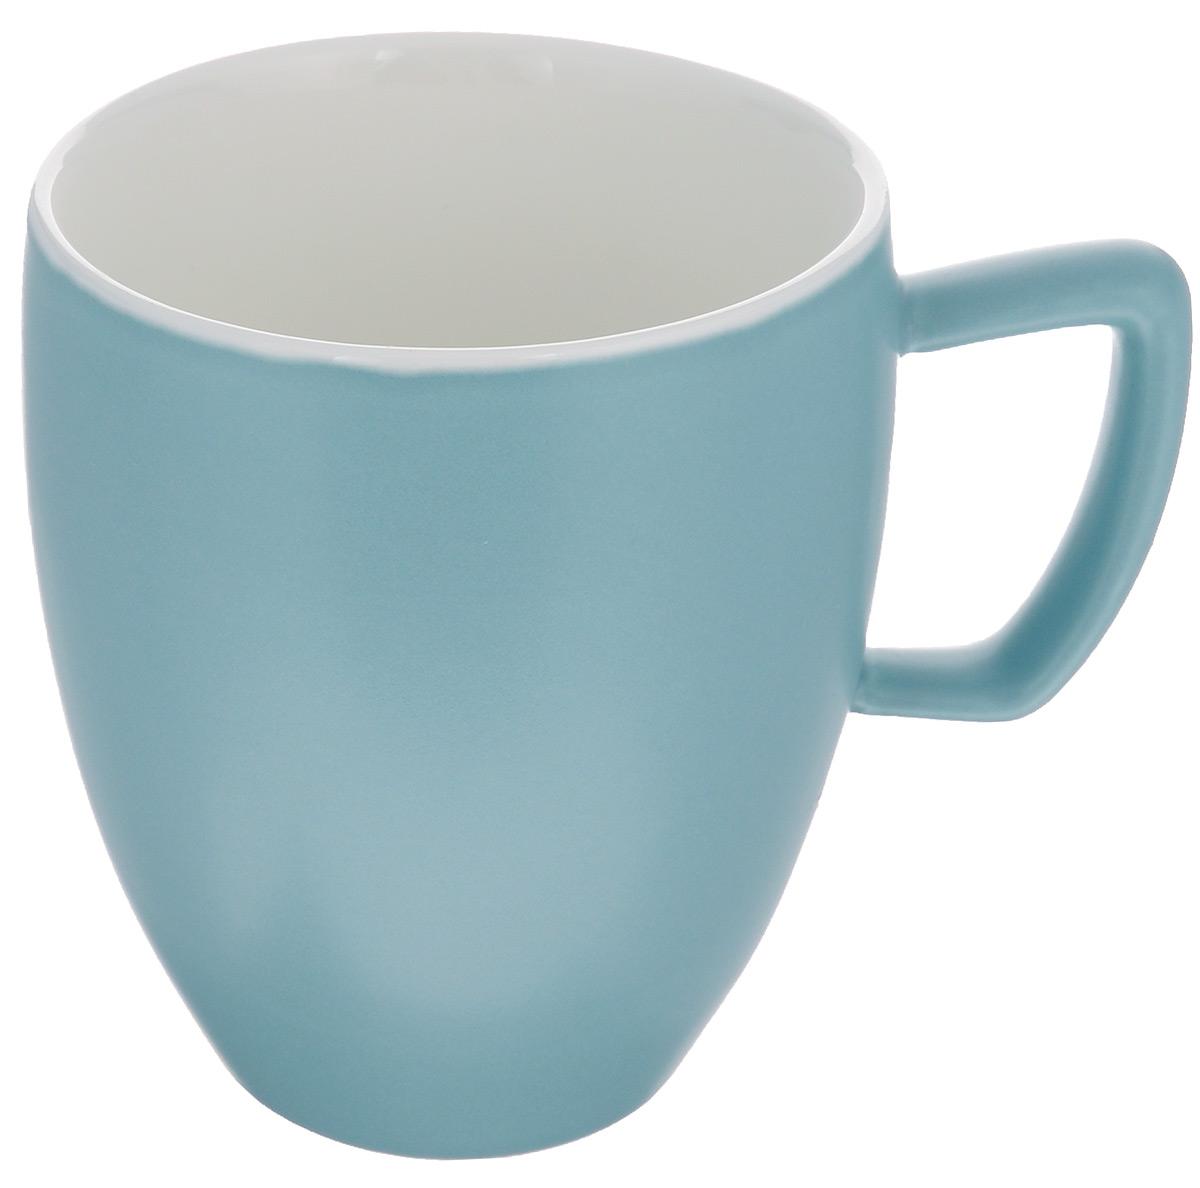 Кружка Tescoma Crema Tone, цвет: серо-голубой, 300 мл387146_серо-голубойКружка Tescoma Crema Tone, изготовленная из высококачественного фарфора, прекрасно дополнит интерьер вашей кухни. Изящный дизайн кружки придется по вкусу и ценителям классики, и тем, кто предпочитает утонченность и изысканность. Кружка Tescoma Crema Tone станет хорошим подарком к любому празднику. Диаметр (по верхнему краю): 8 см.Высота: 10 см.